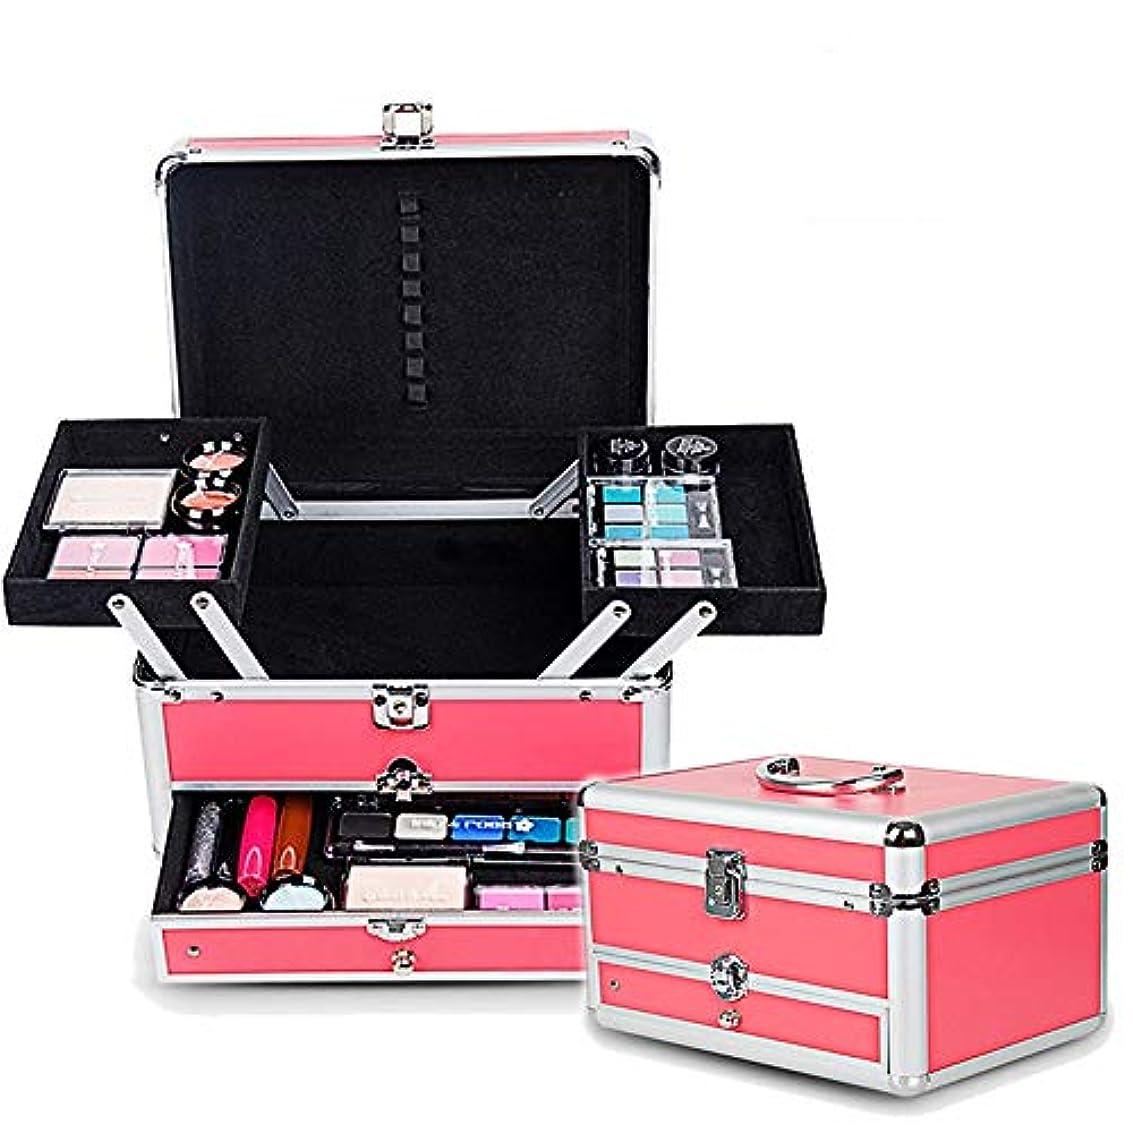 マッサージ学校定期的特大スペース収納ビューティーボックス 女の子の女性旅行のための新しく、実用的な携帯用化粧箱およびロックおよび皿が付いている毎日の貯蔵 化粧品化粧台 (色 : ピンク)